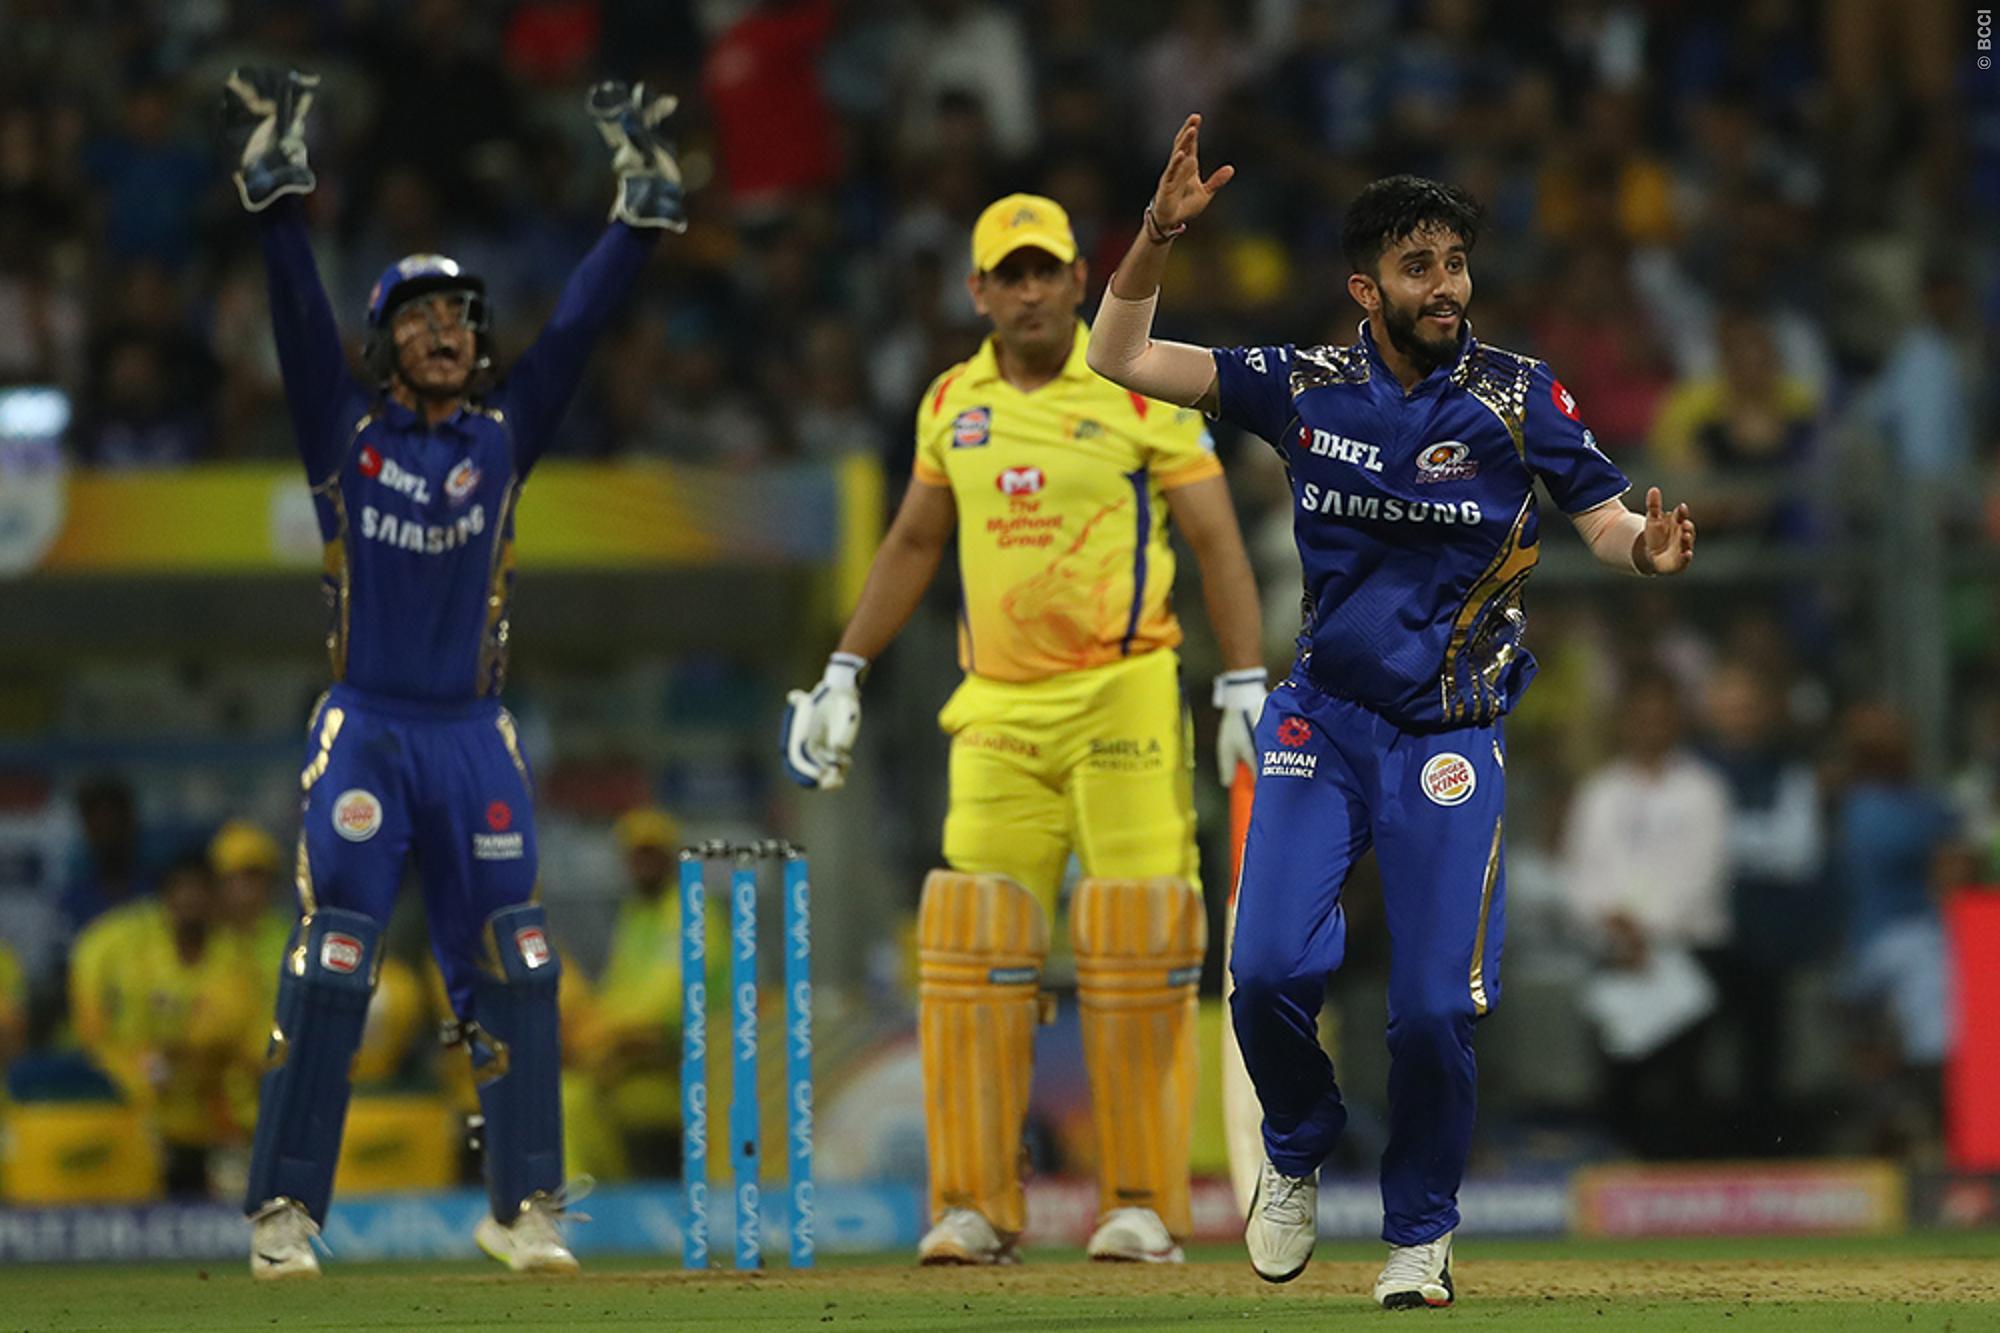 मैच रिपोर्ट: रोहित शर्मा की इस छोटी सी गलती की वजह से अंतिम ओवर में जीता हुआ मैच गंवा बैठी मुंबई इंडियंस 16